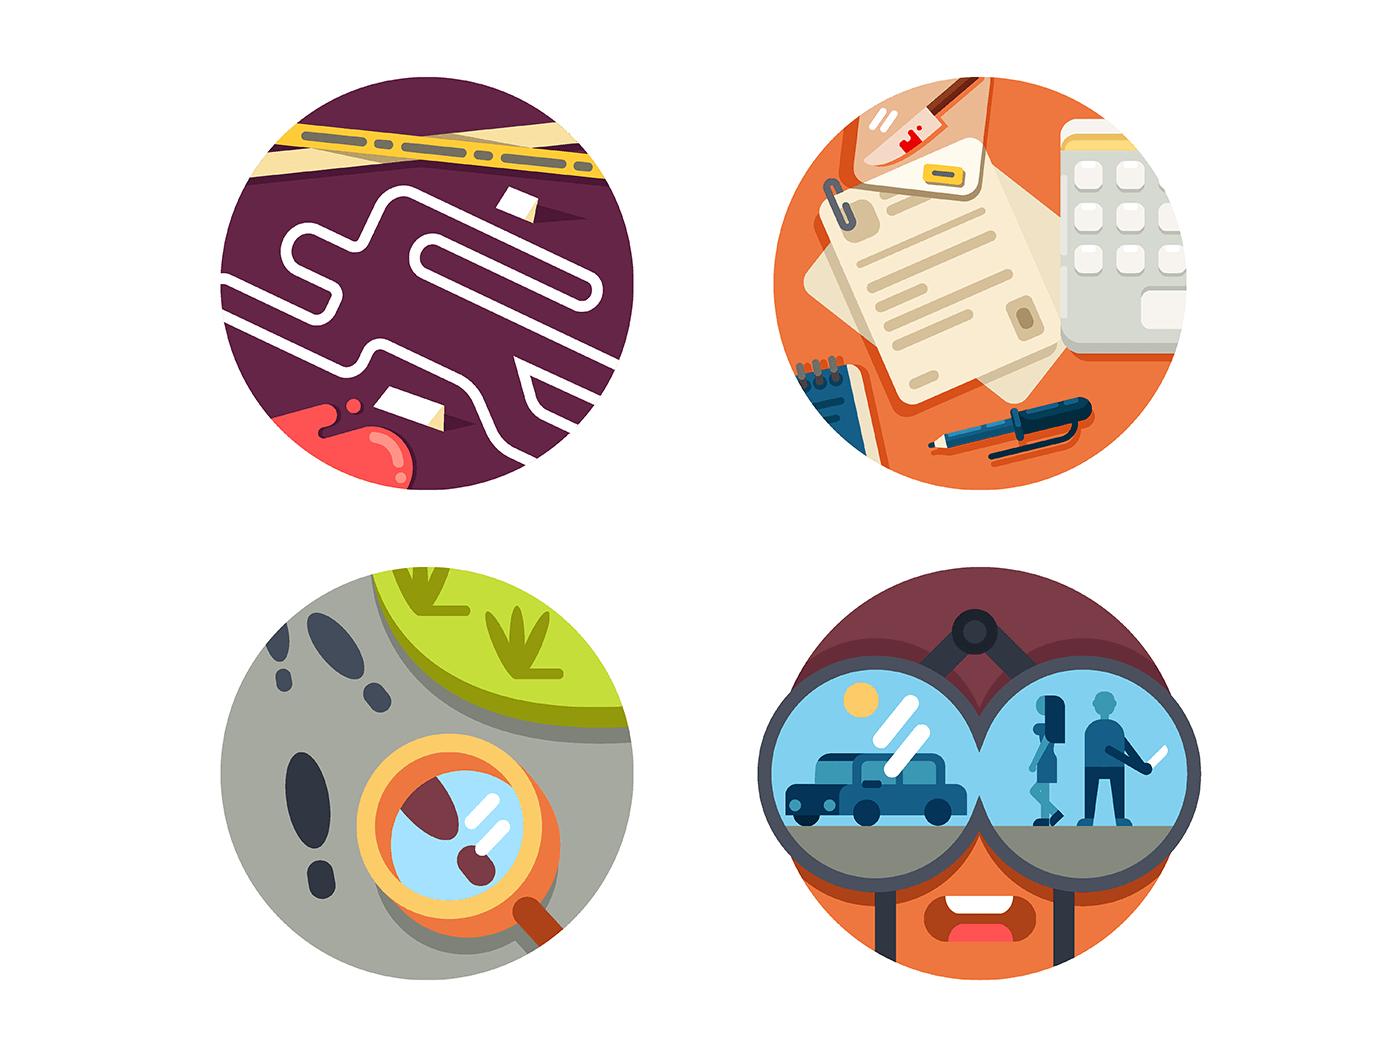 Detective set icons